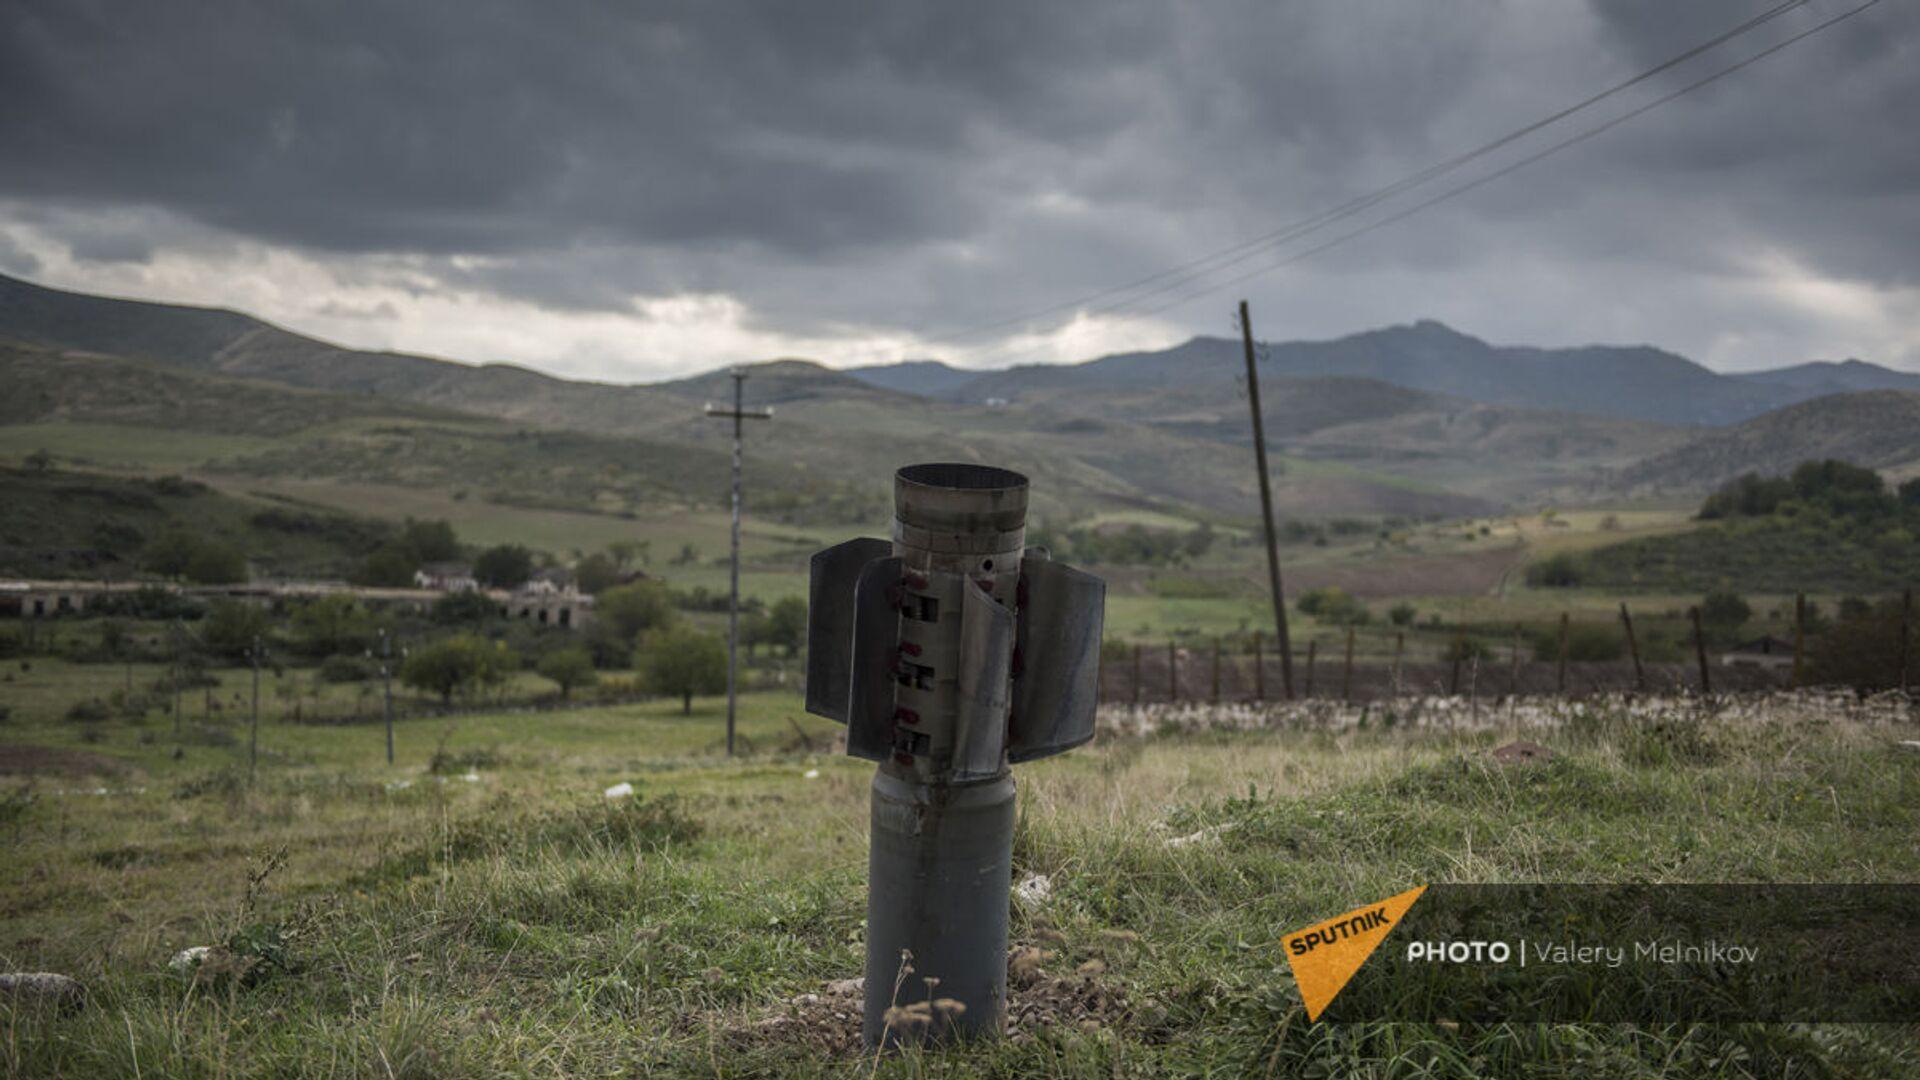 Часть ракеты после обстрела города Мартуни - Sputnik Армения, 1920, 22.09.2021